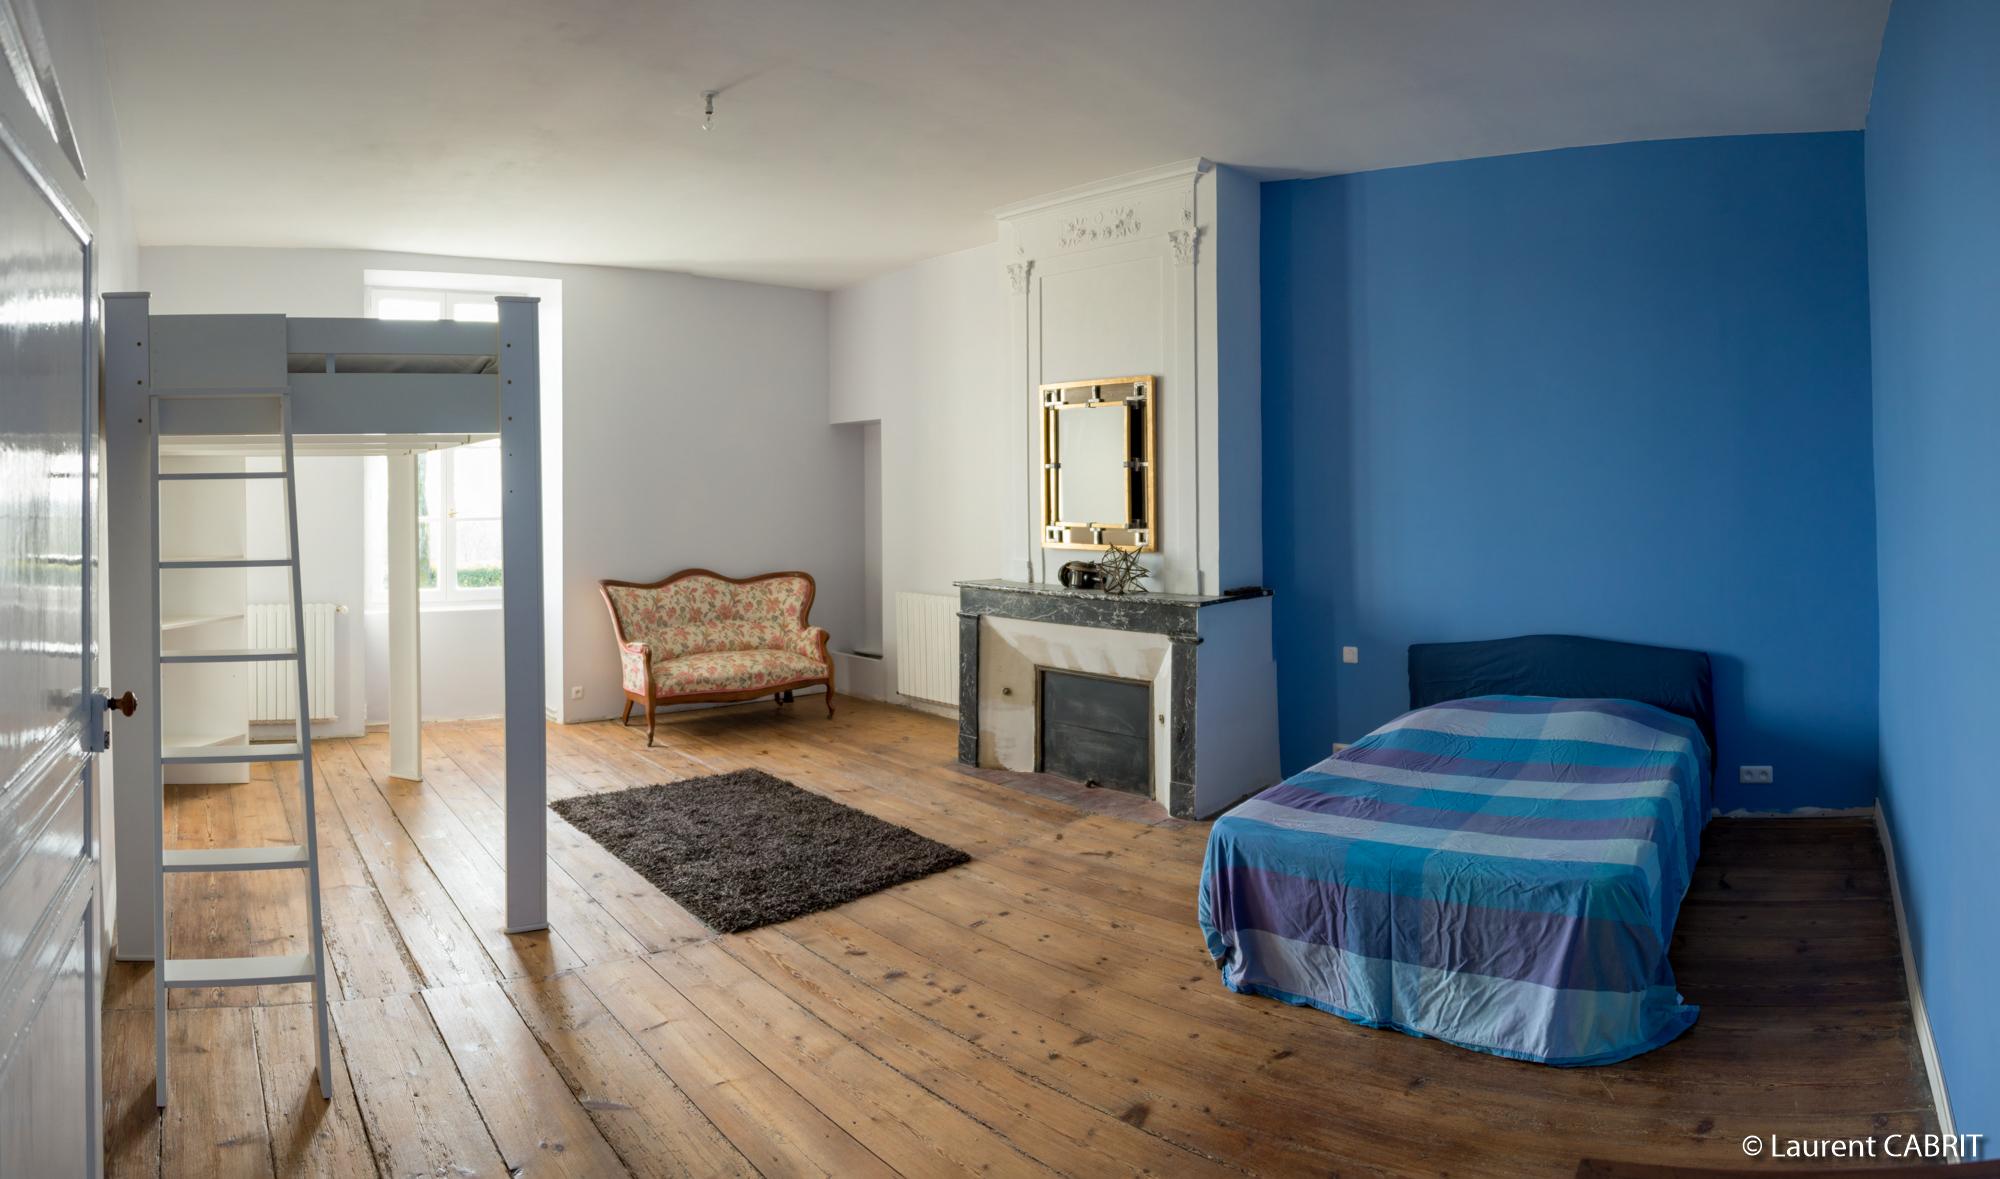 Chambre Bleue M² Lit Double X Lit Double X - Lit double superpose 140 x 190